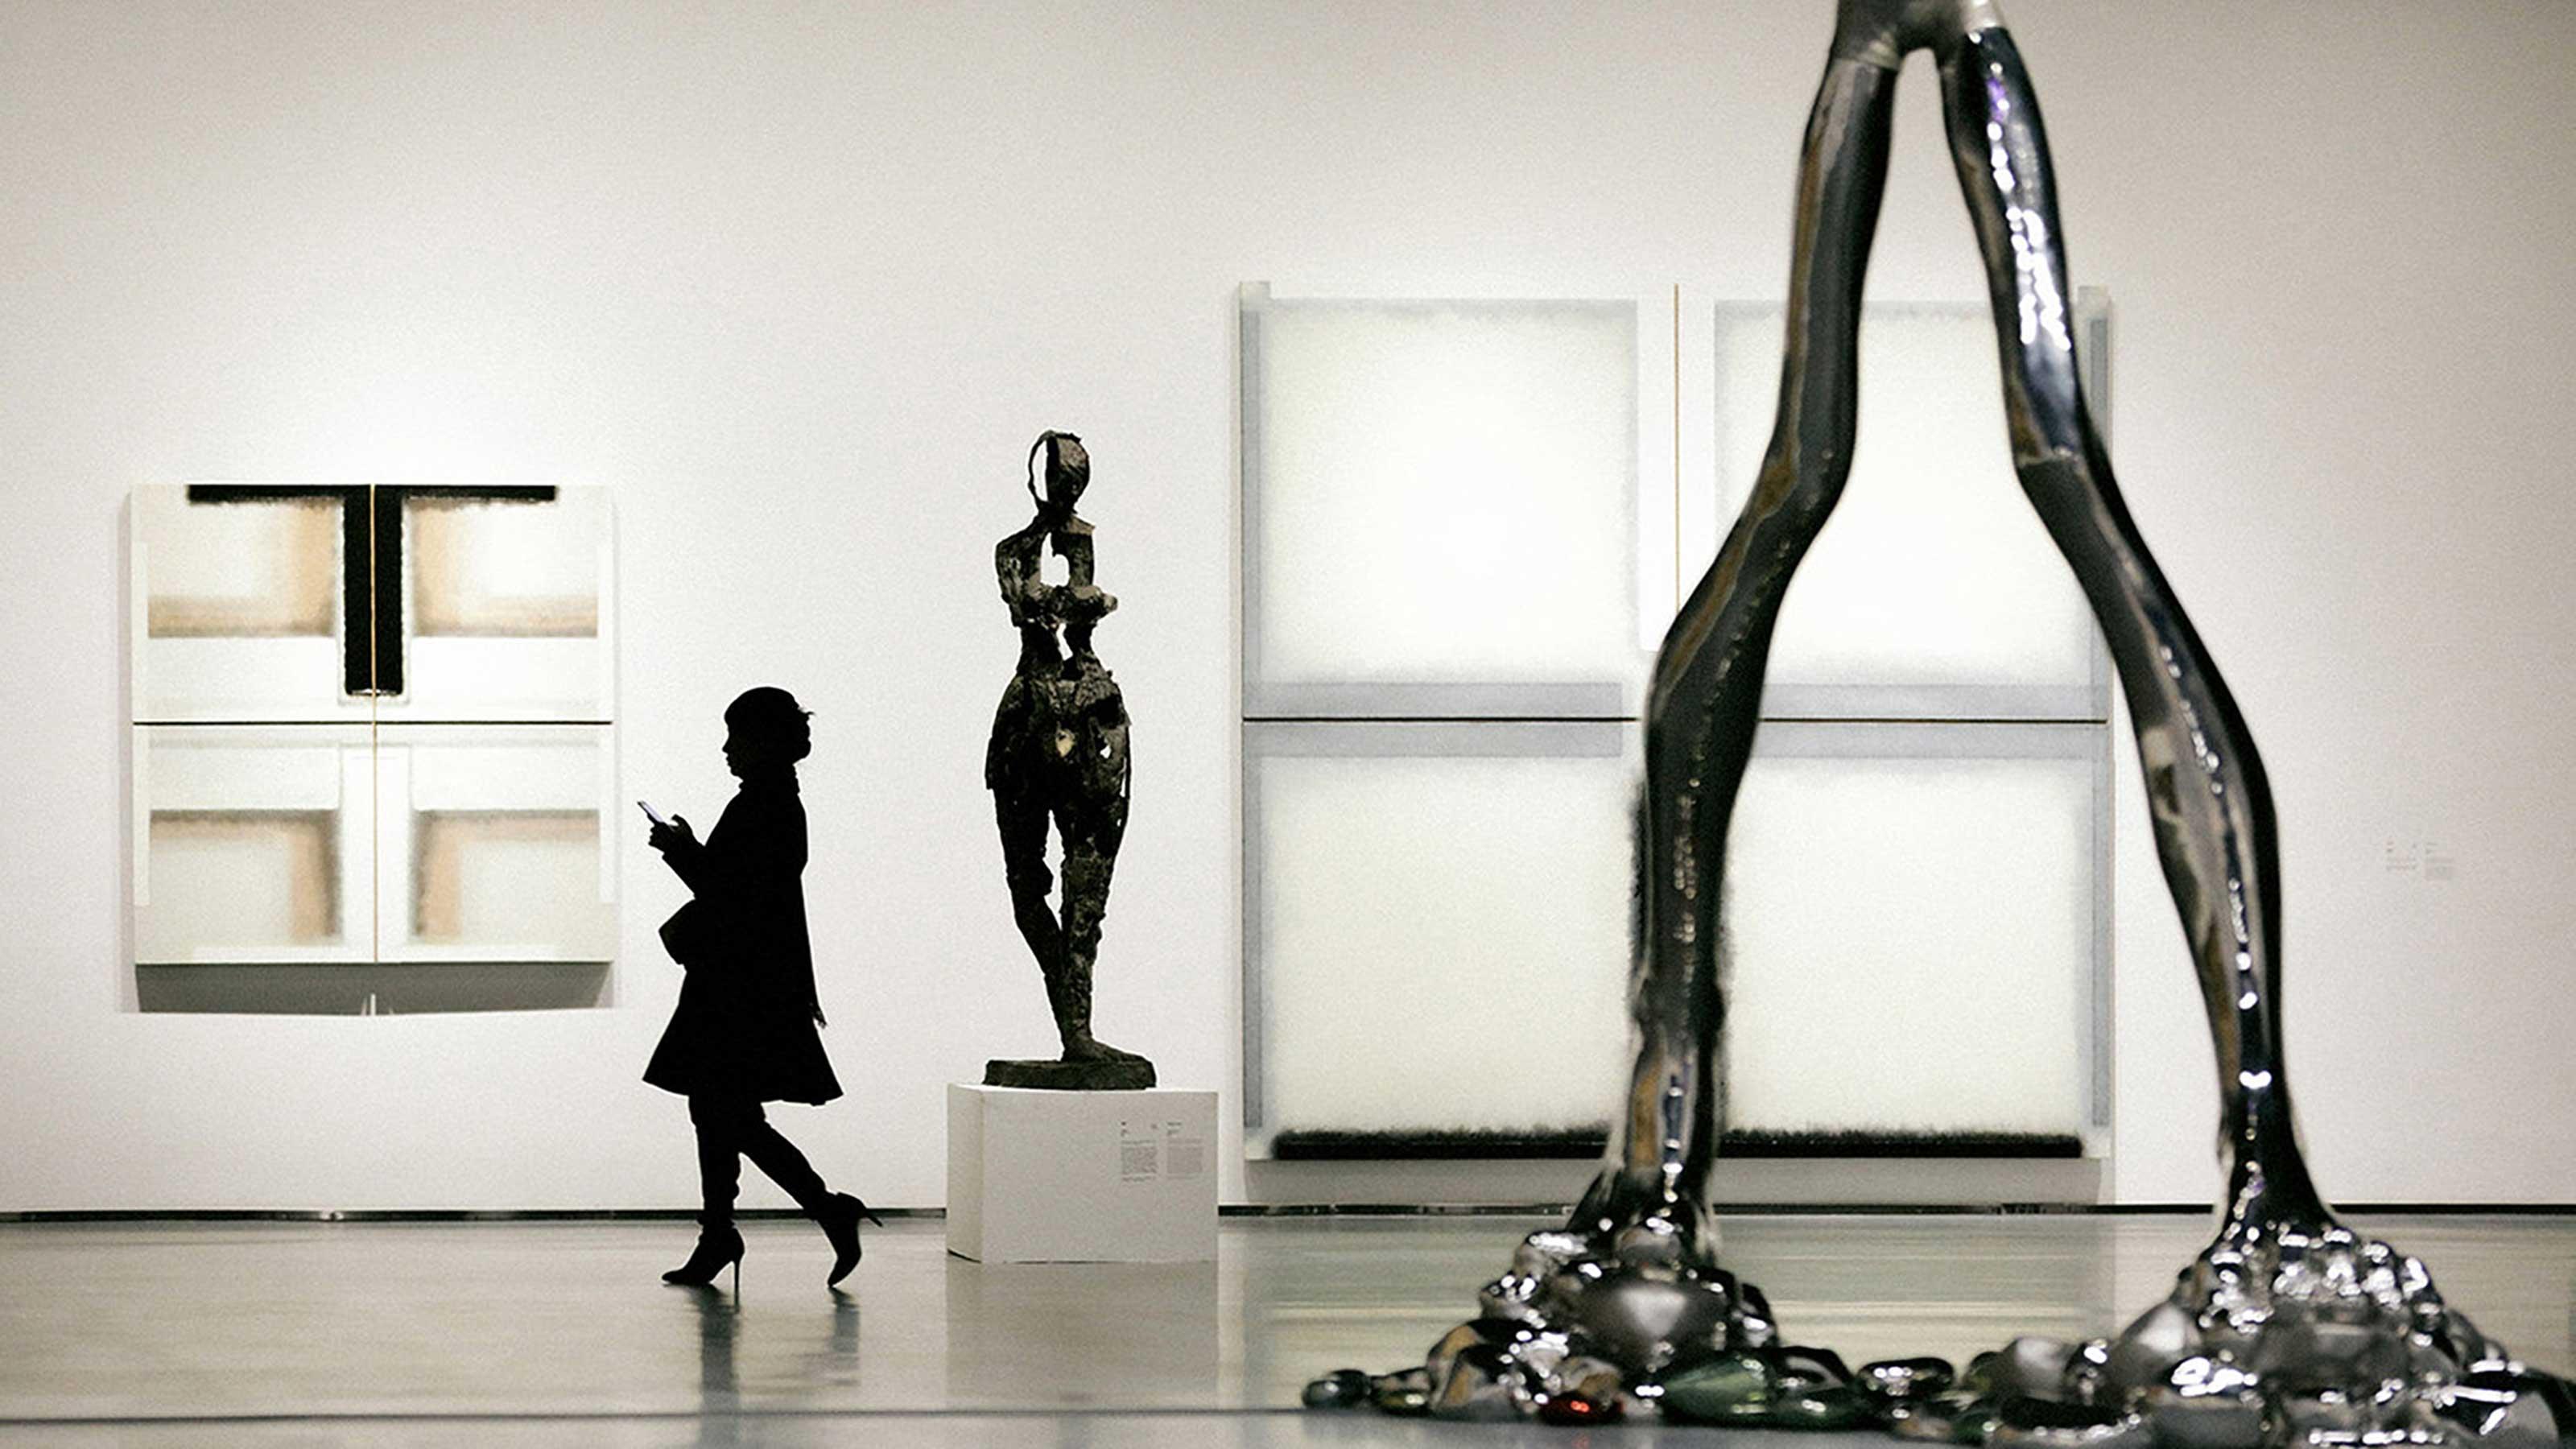 生田丹代子さんの作品、中国・深圳市のJupiter美術館へ収蔵